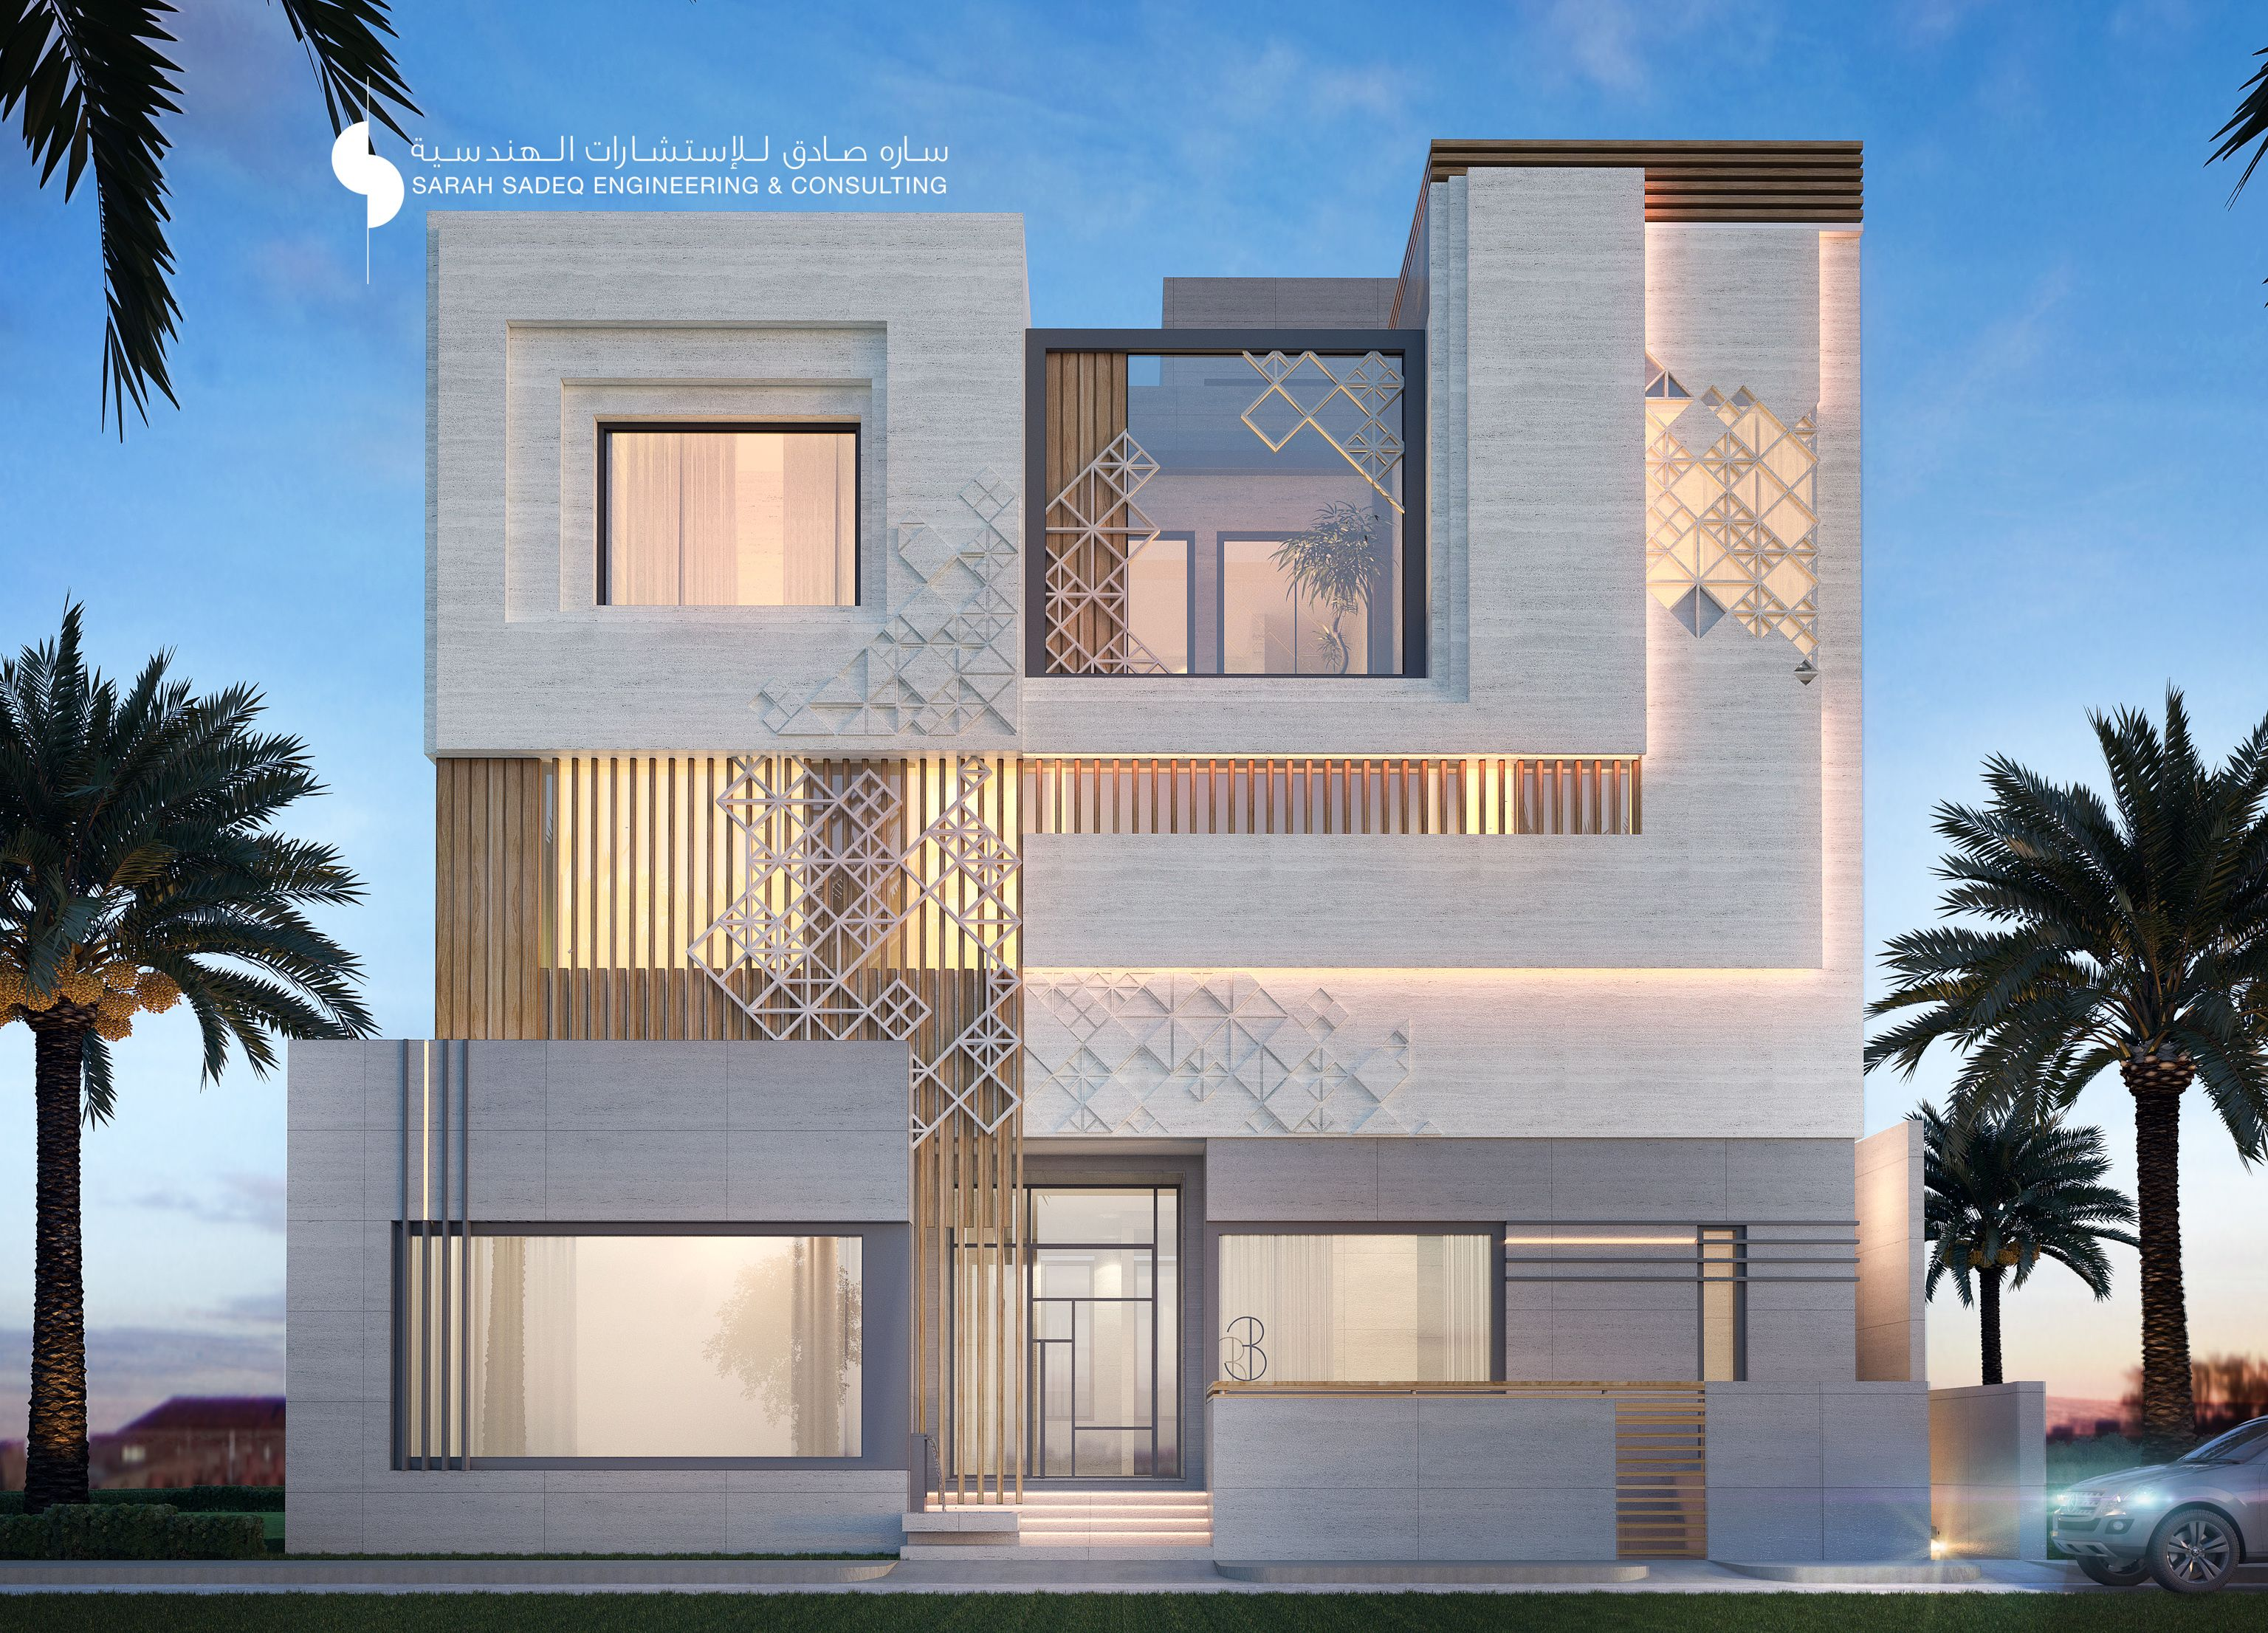 بالصور تصميم منازل , اناقه التصميم الخارجى للمنزل 2868 1